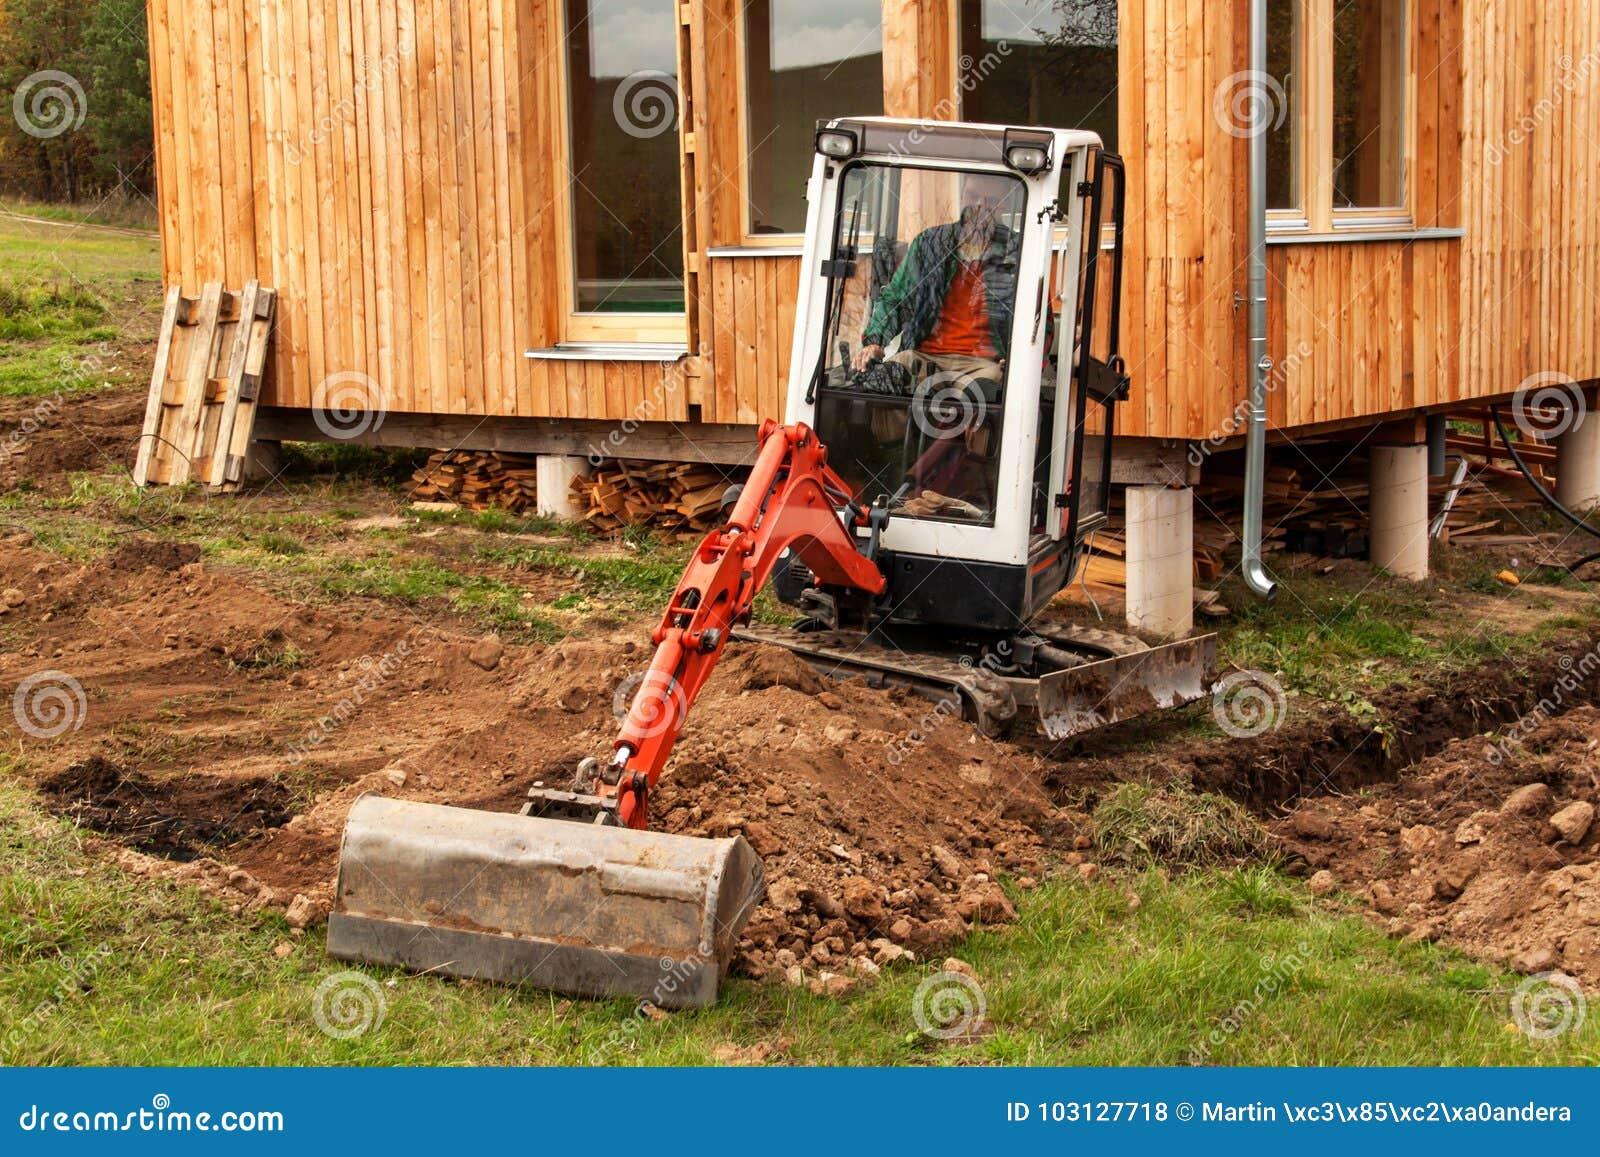 Arbeiten Sie An Der Baustelle Eines ökologischen Hauses Der Bagger